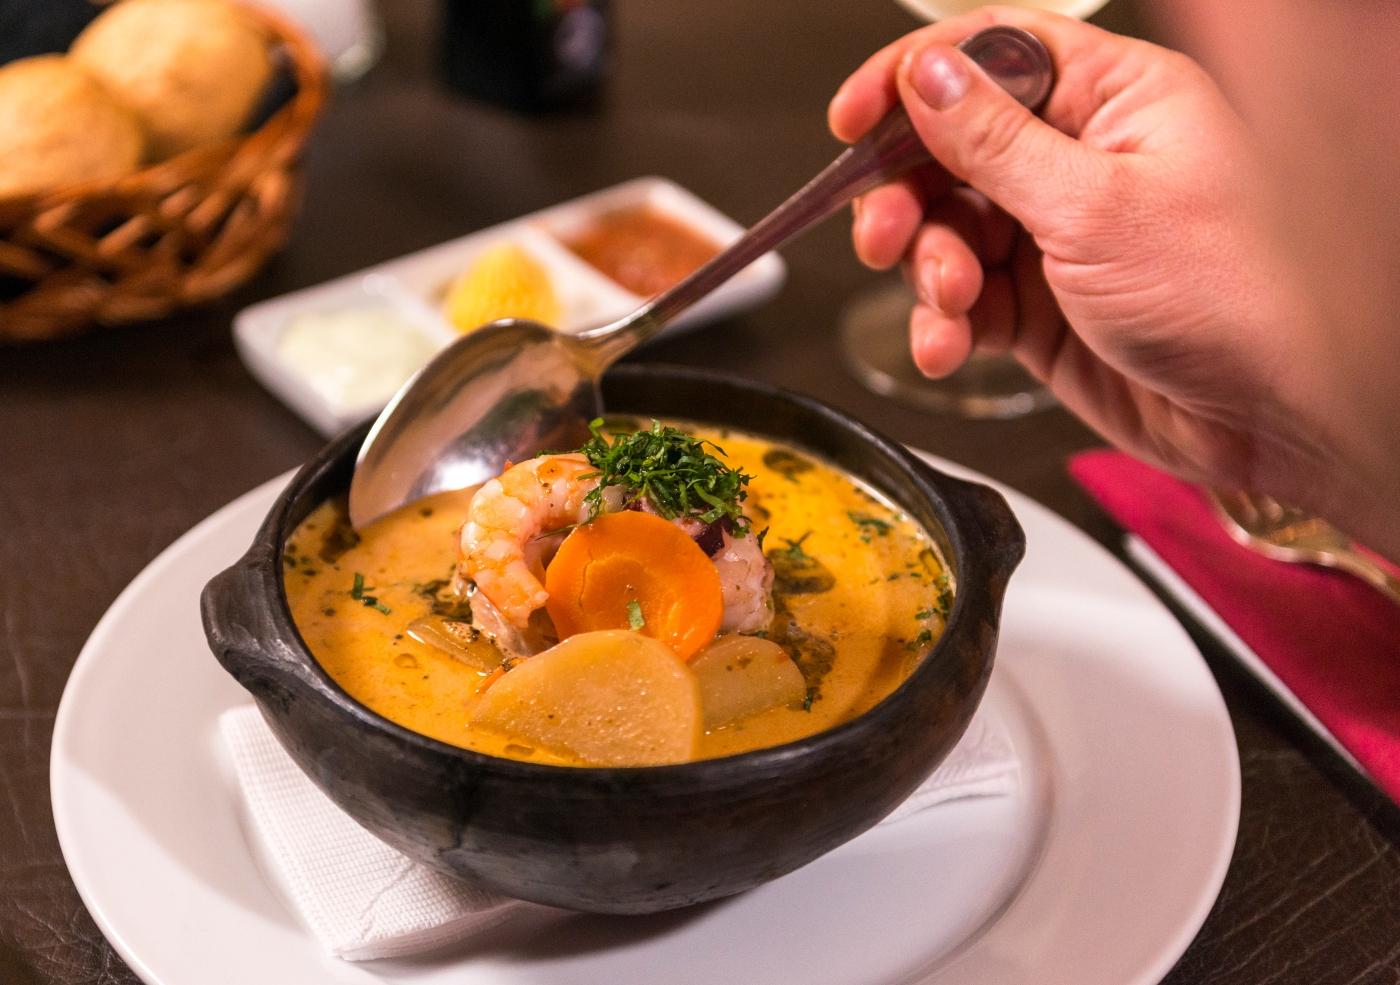 imagen de una plato caliente típico de marisco de Chile